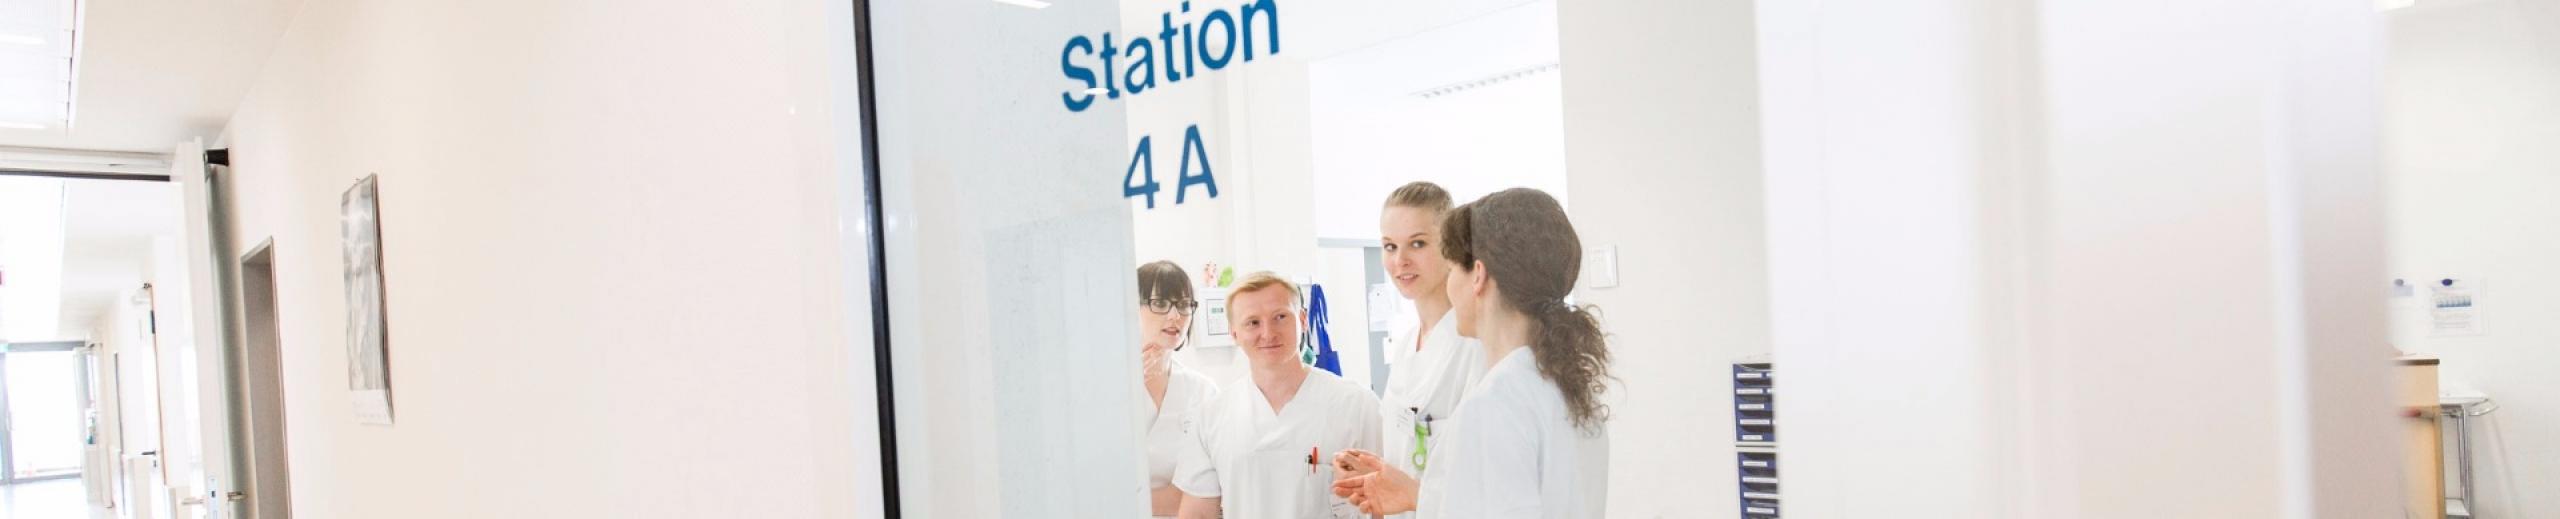 herz und diabeteszentrum bad oeynhausen ausbildungsberufe